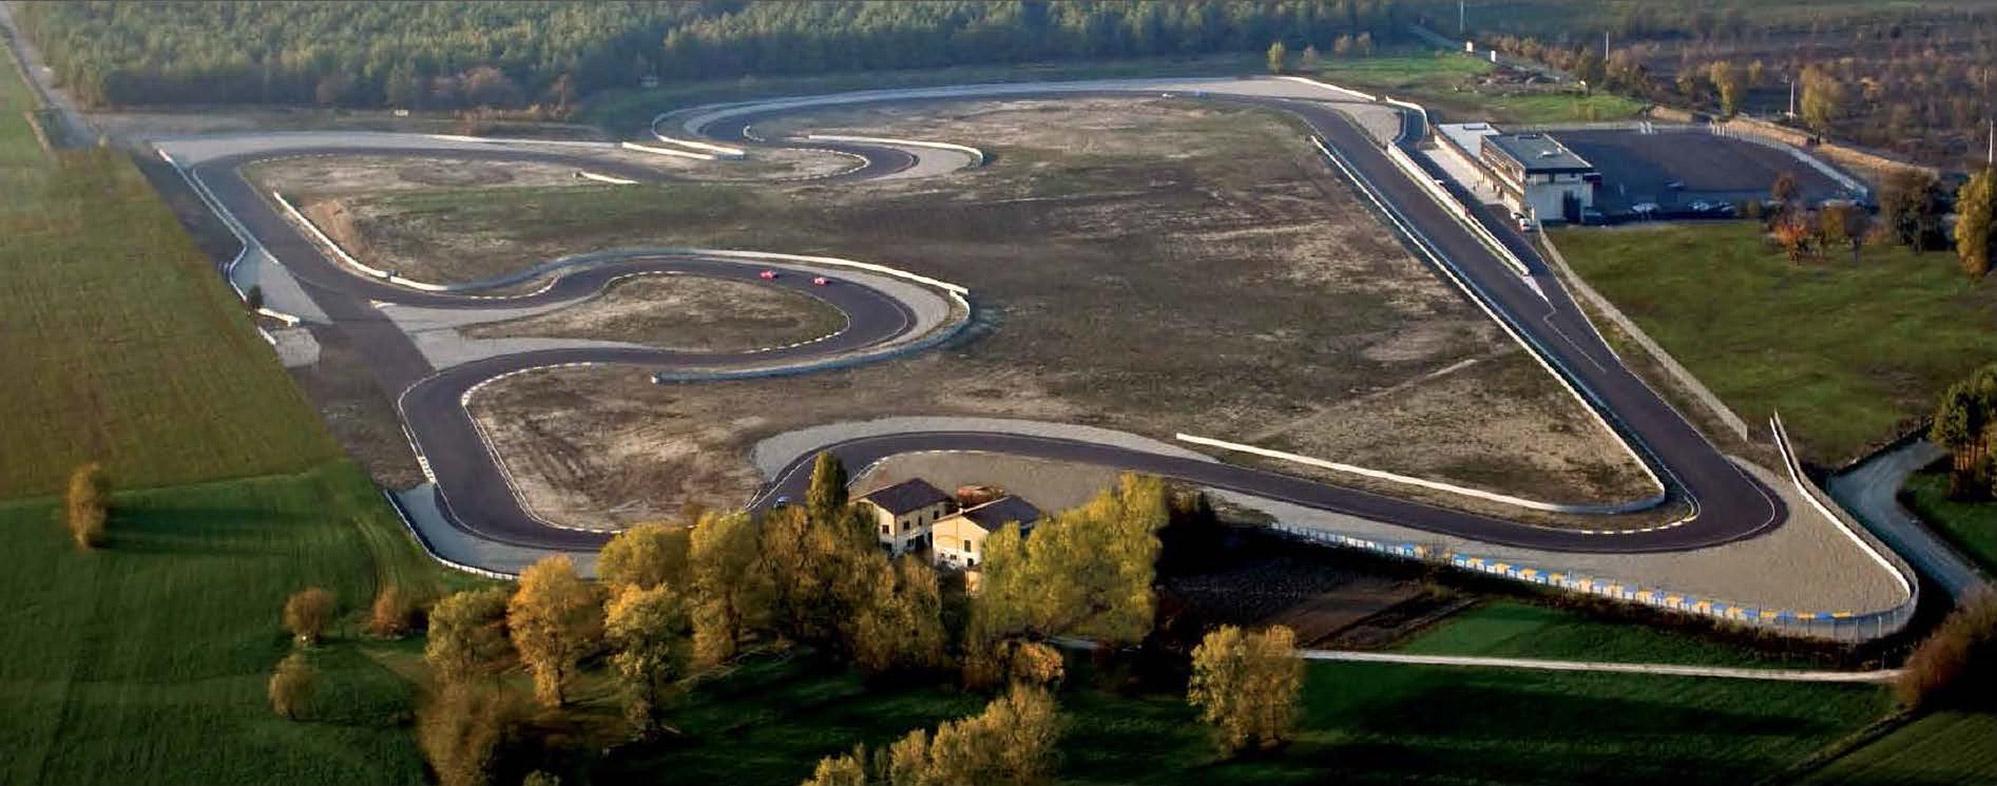 Circuito Modena : Il nuovo autodromo di modena motor web musemum